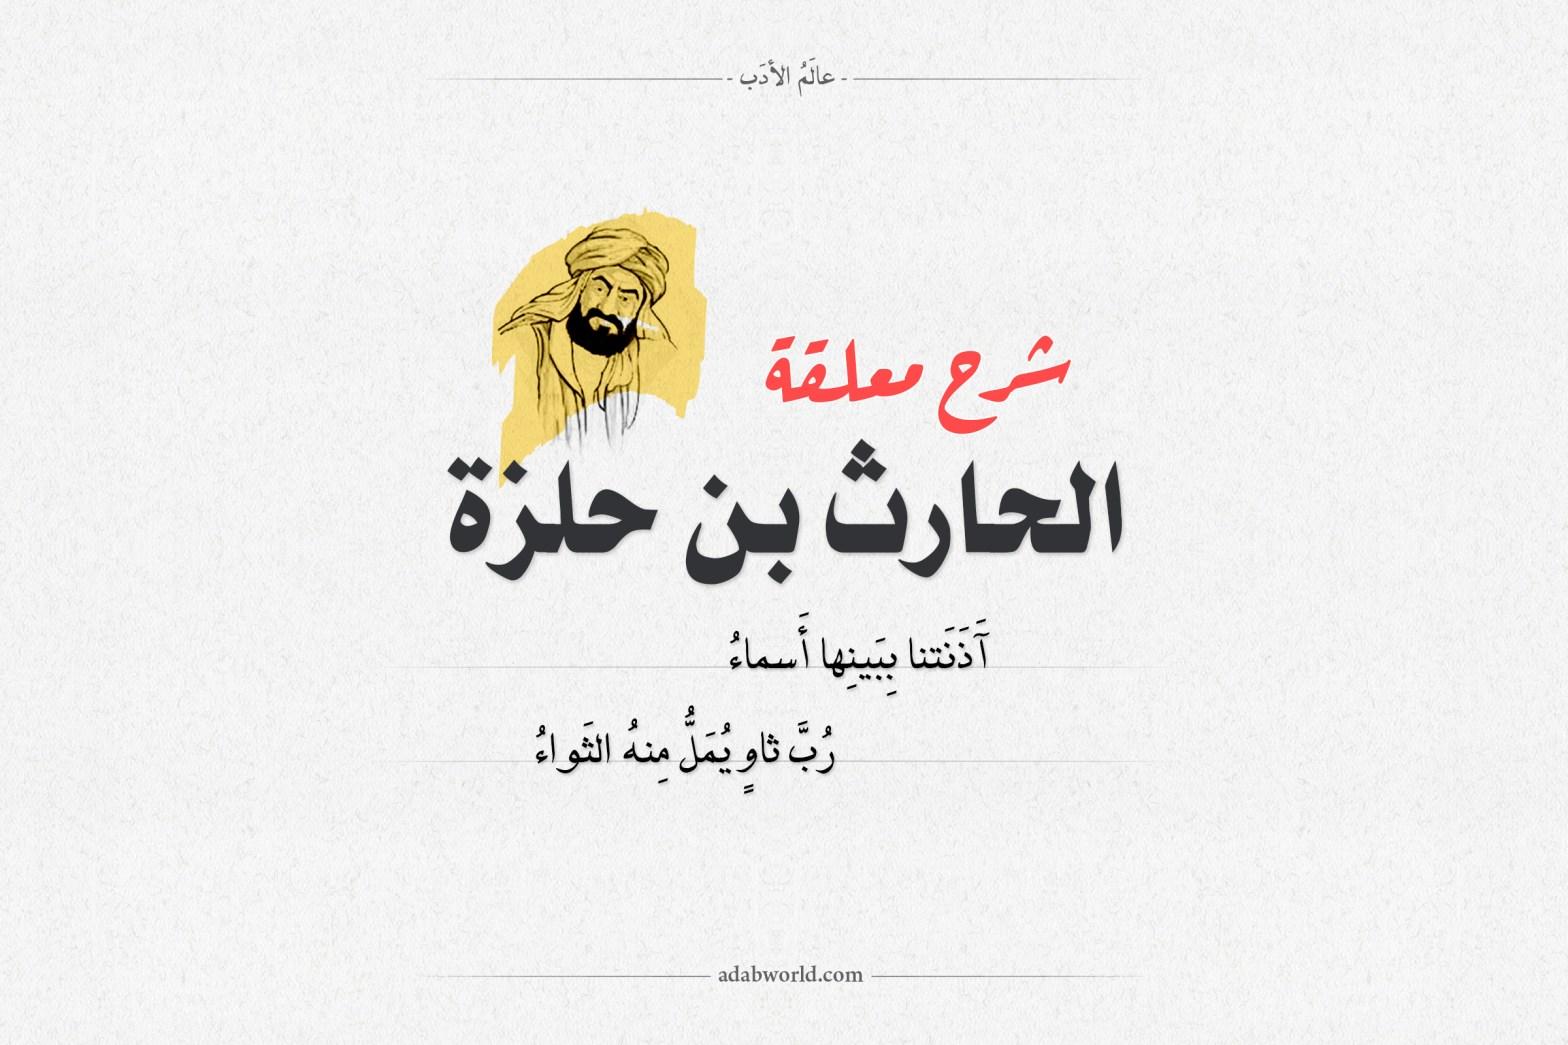 شرح معلقة الحارث بن حلزة - آذنتنا ببينها أسماء